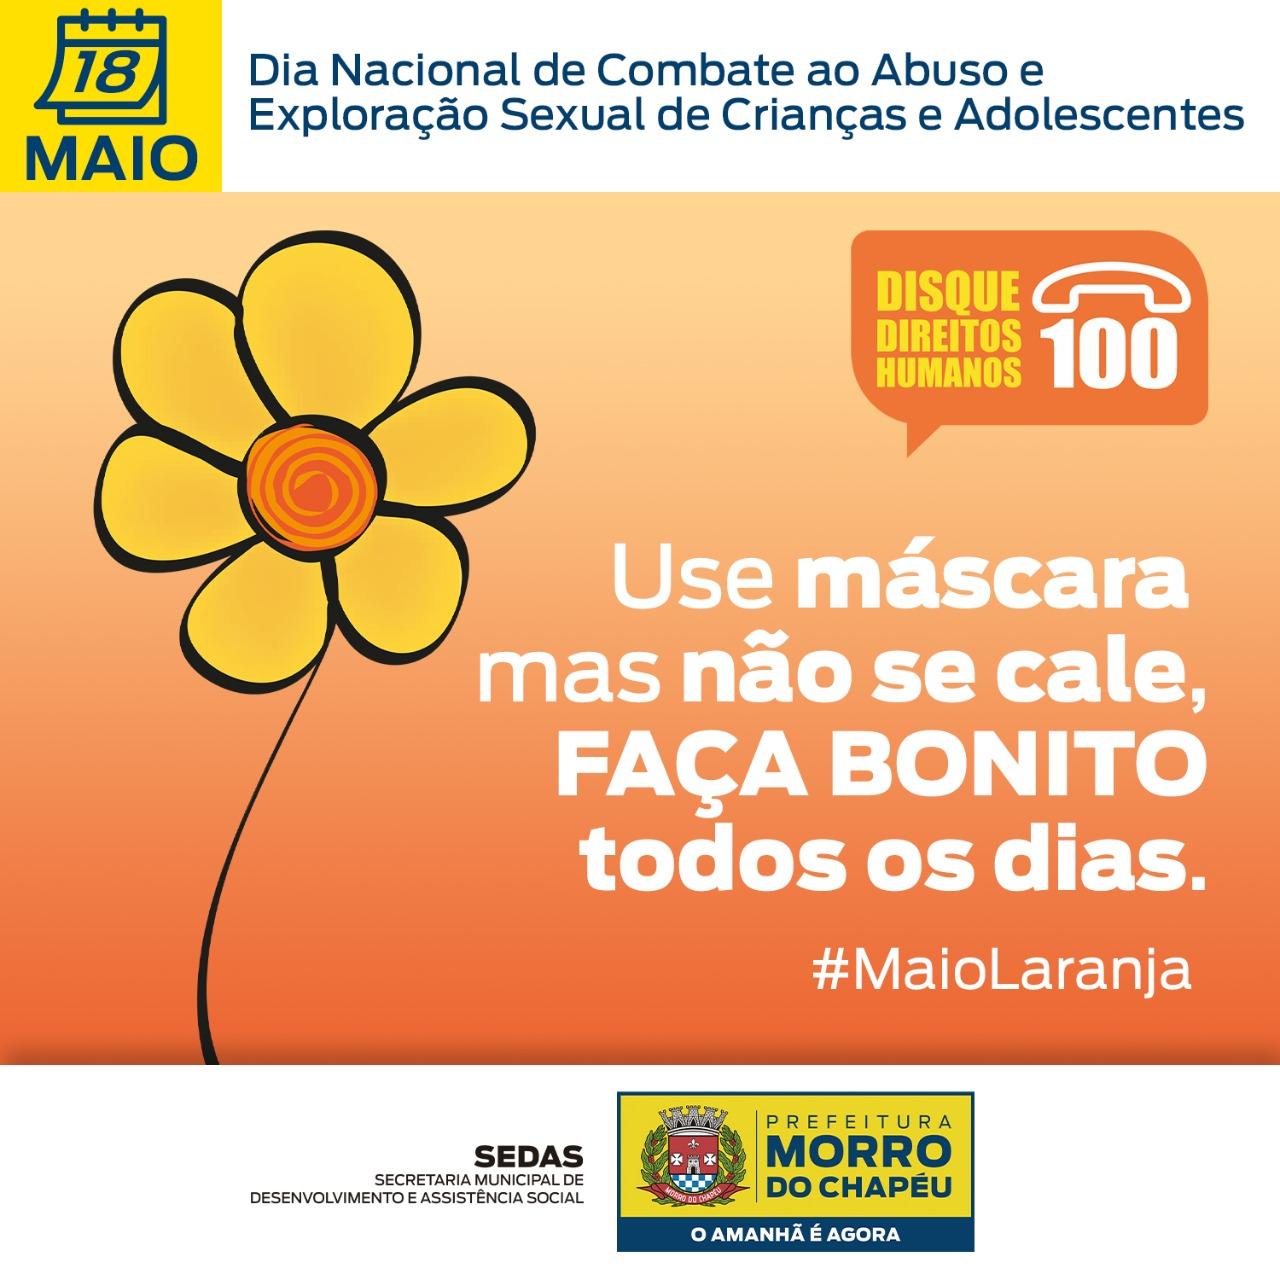 Maio Laranja: Prefeitura de Morro do Chapéu promove campanha  combate  à exploração e abuso sexual  de crianças e adolescentes